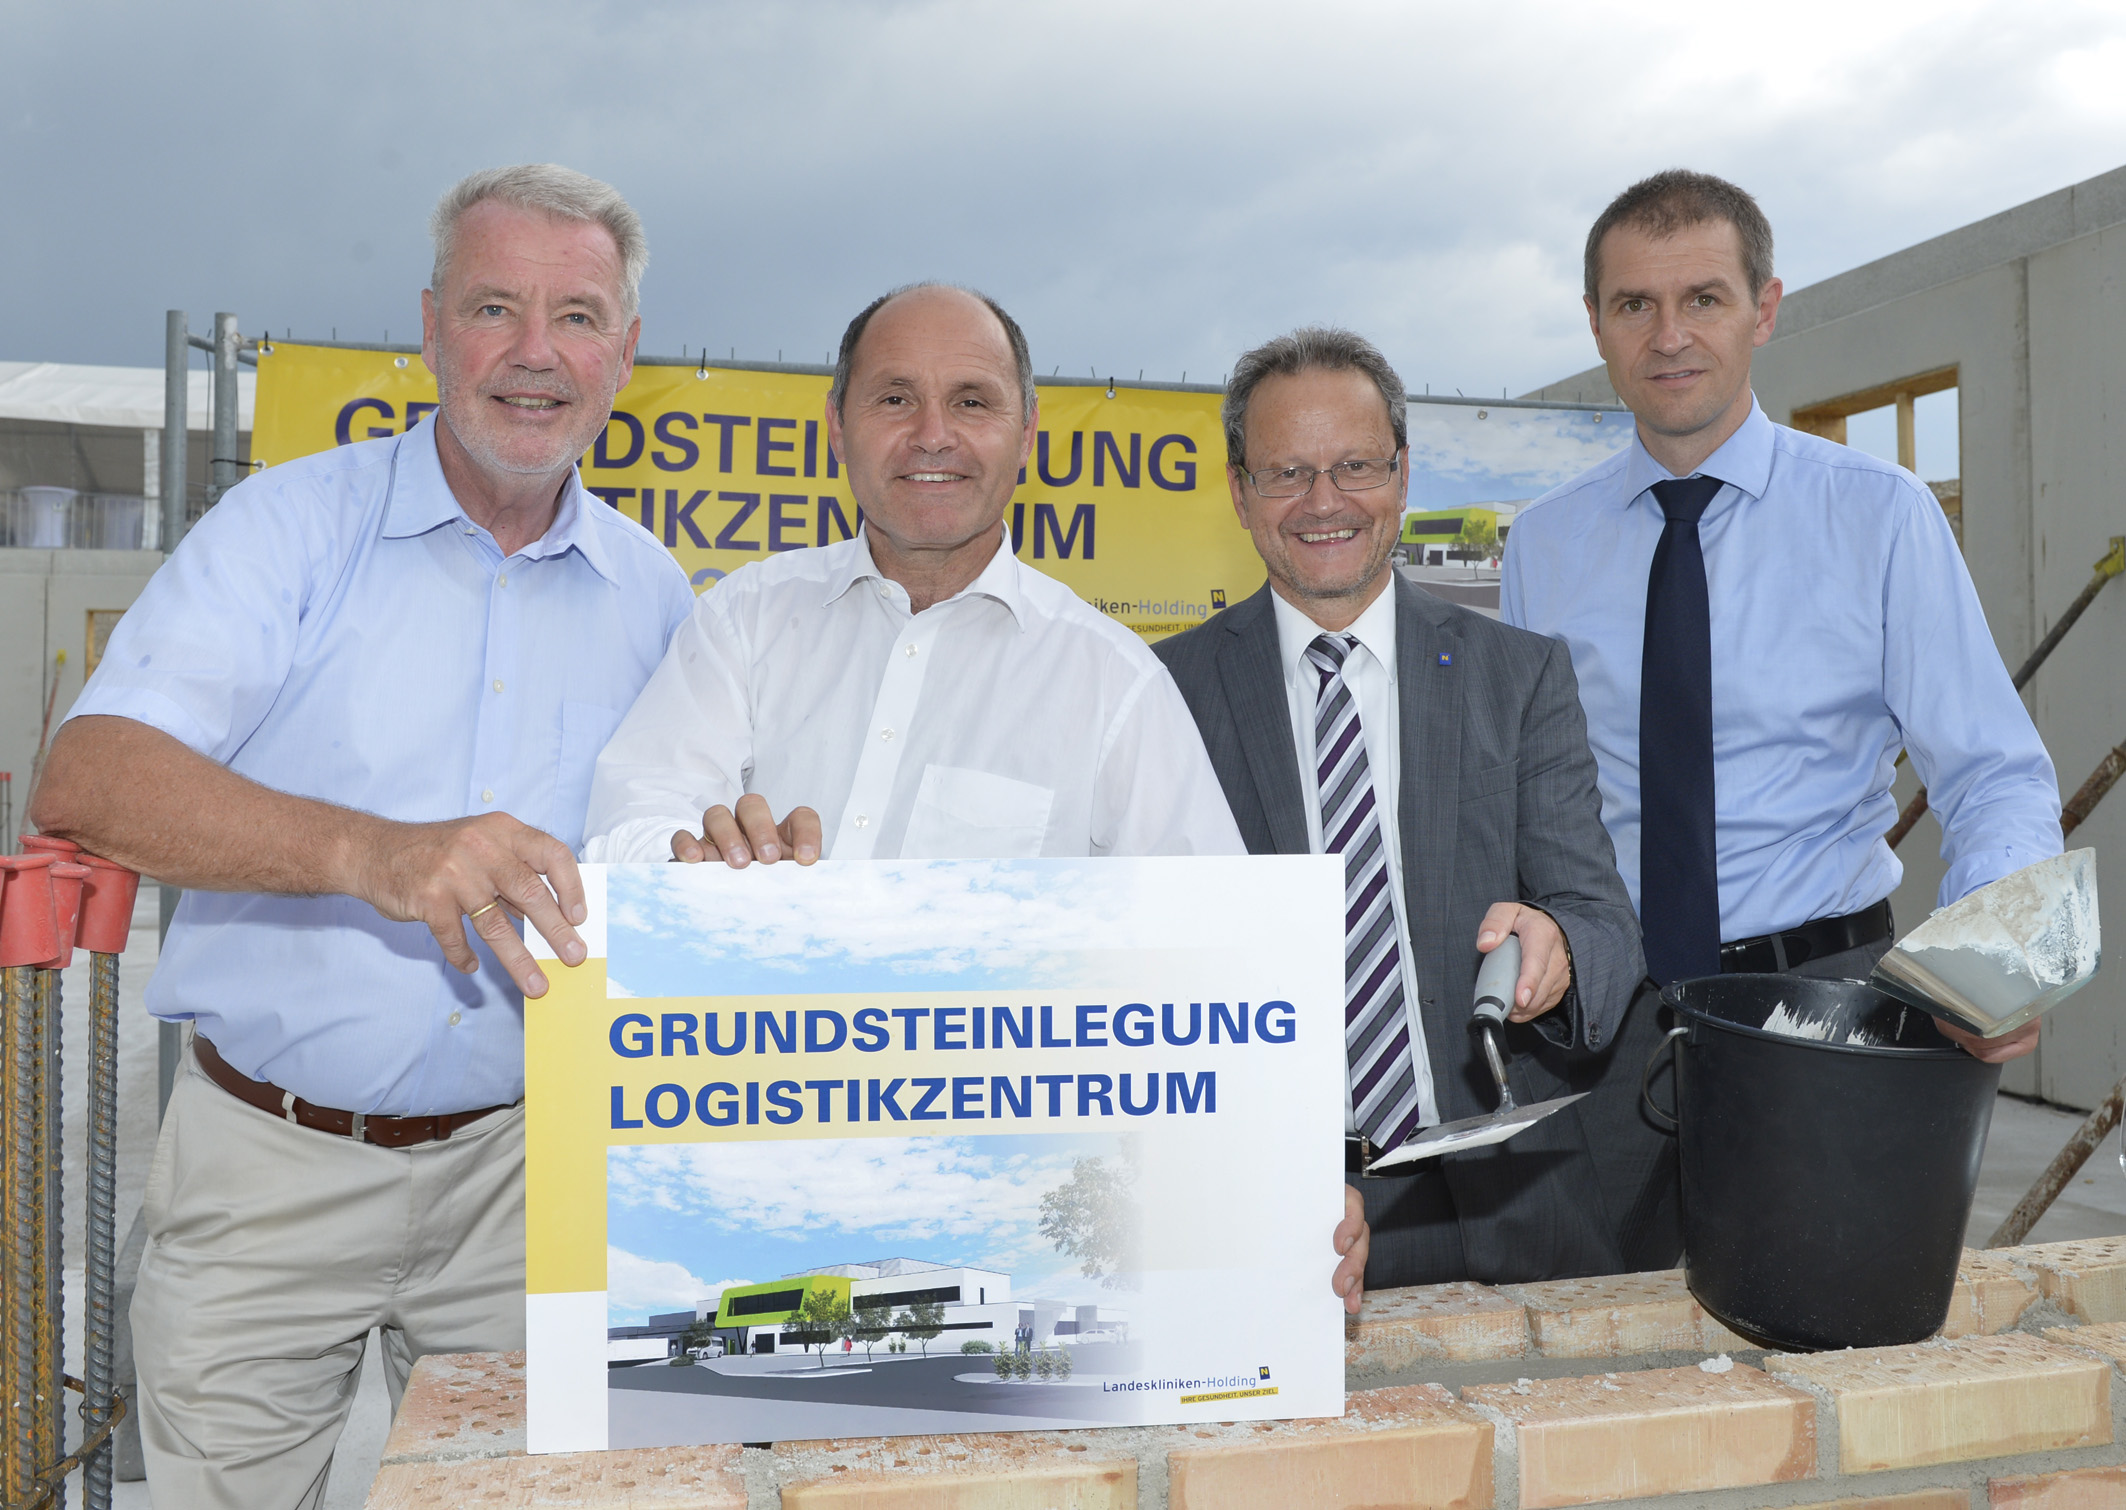 Grundsteinlegung Logistikzentrum Wiener Neustadt / Foto: NÖ Landeskliniken-Holding